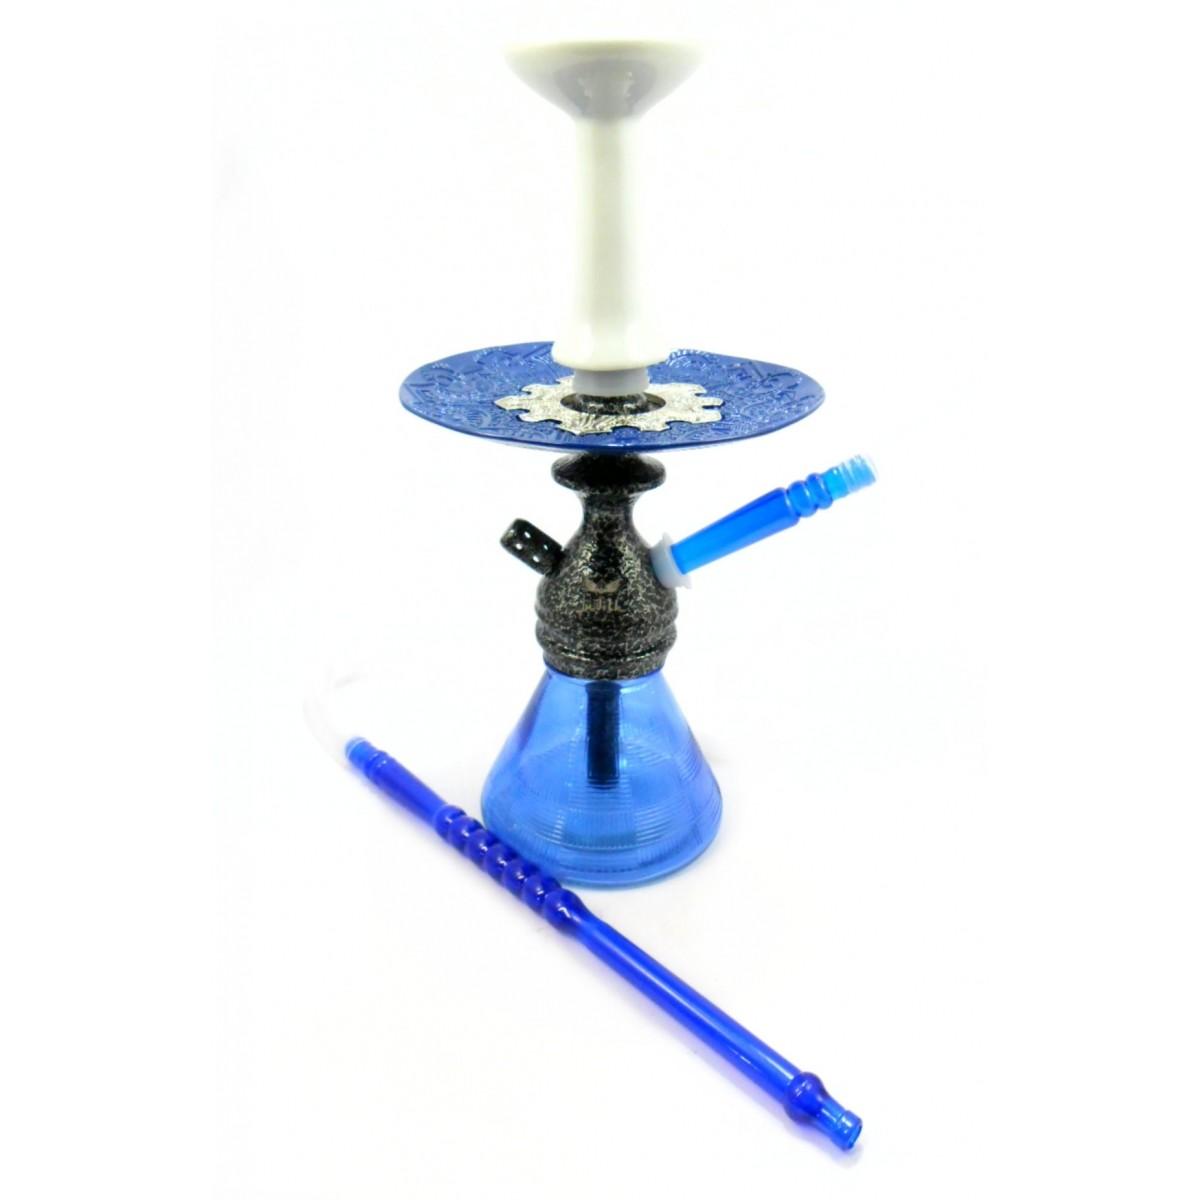 Narguile JUDITH PRETO MARTELADO 33cm, vaso Petit AZUL, mangueira MD HOSE, fornilho Flux PRETO, prato Vennus Azul/Cromado